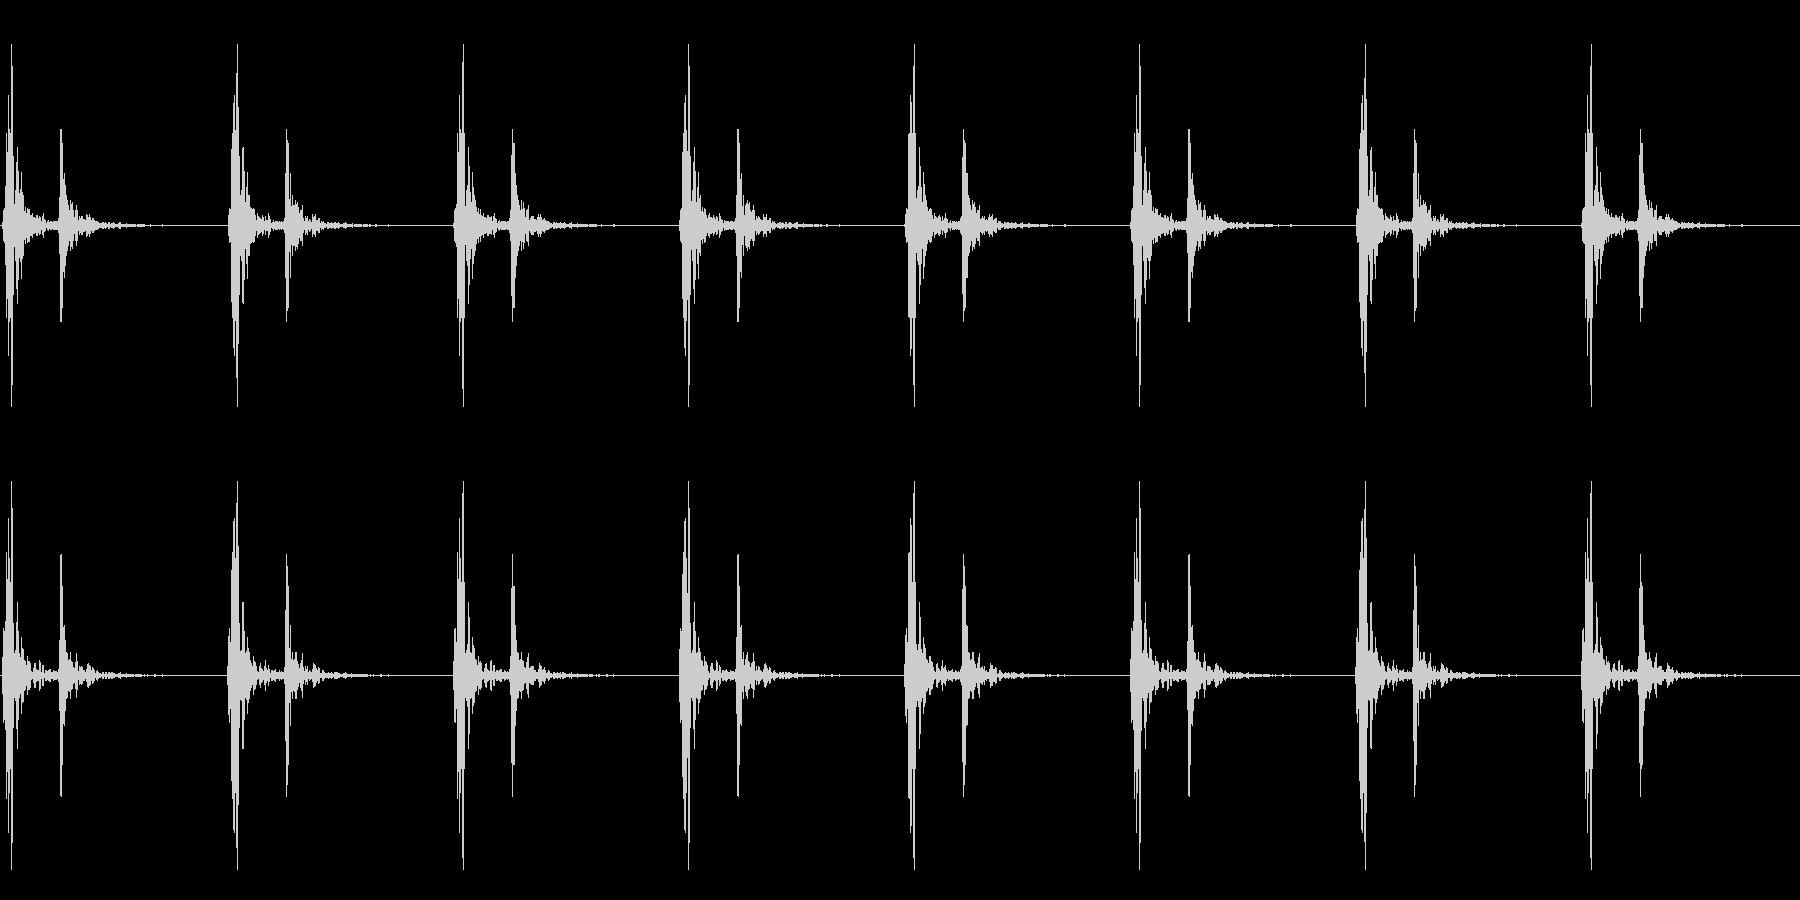 【 心臓 】ドックンドックン (普通)の未再生の波形